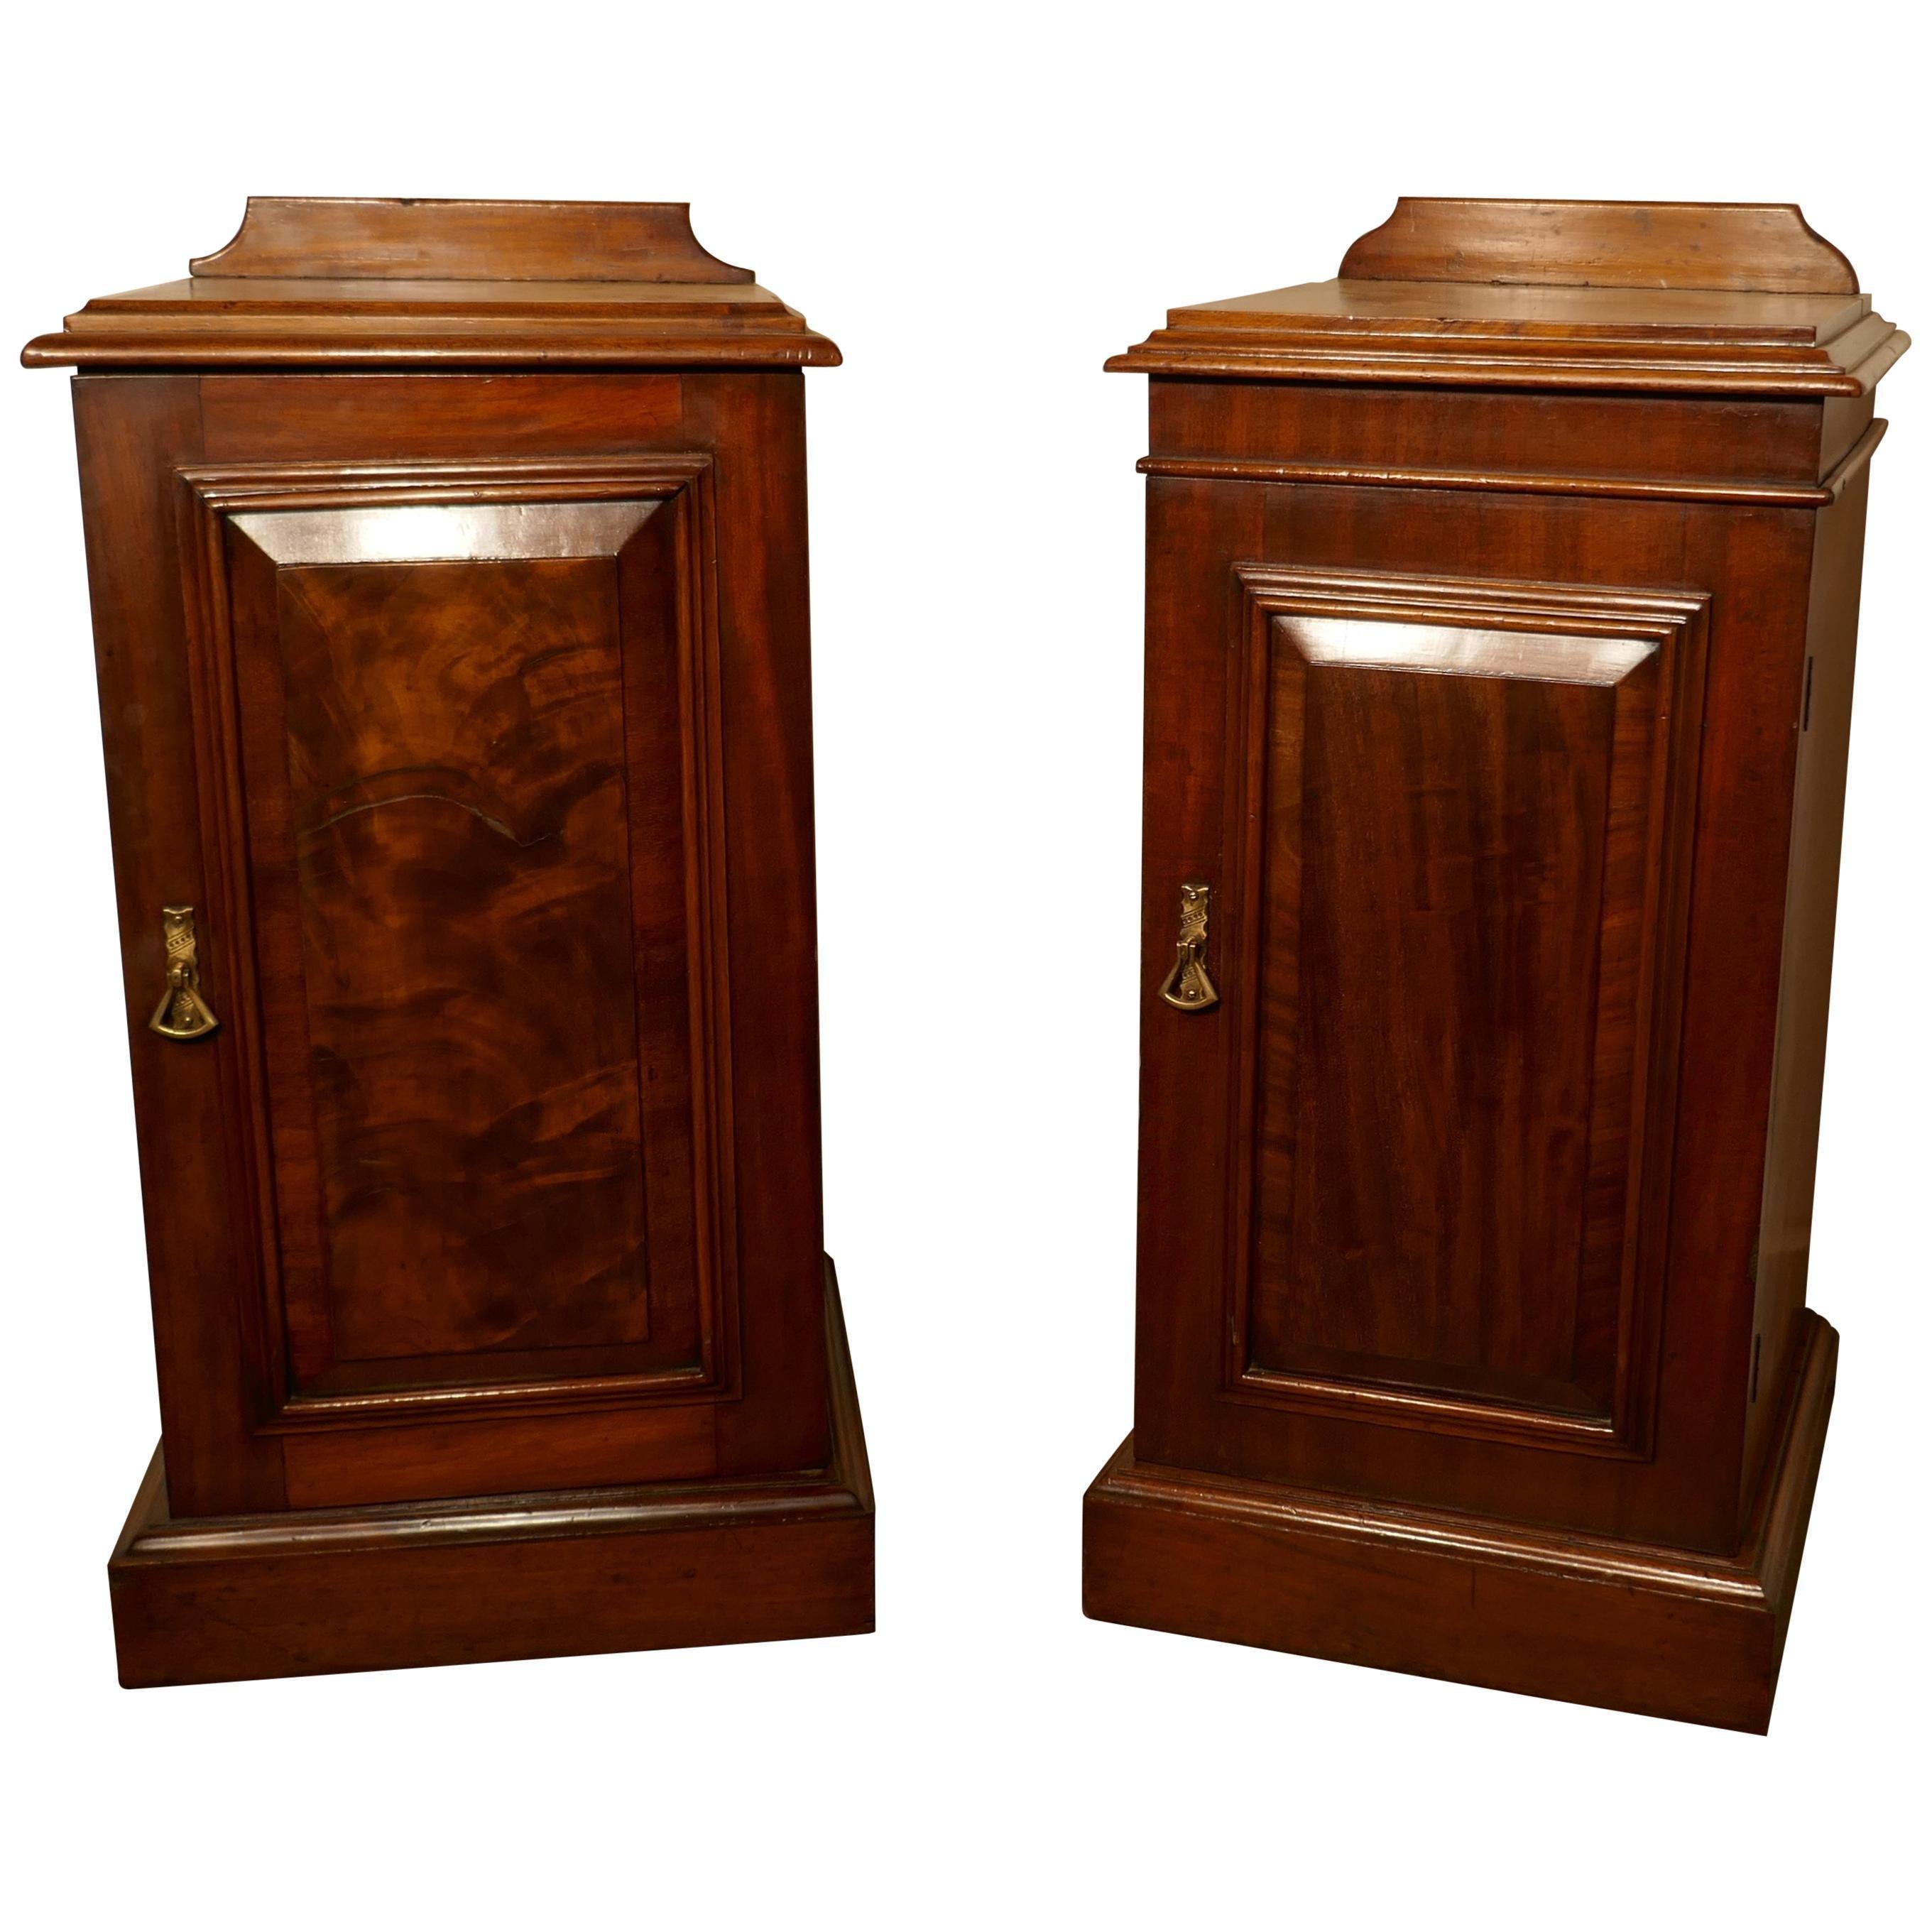 Near Pair of Victorian Walnut Bedside Cupboards